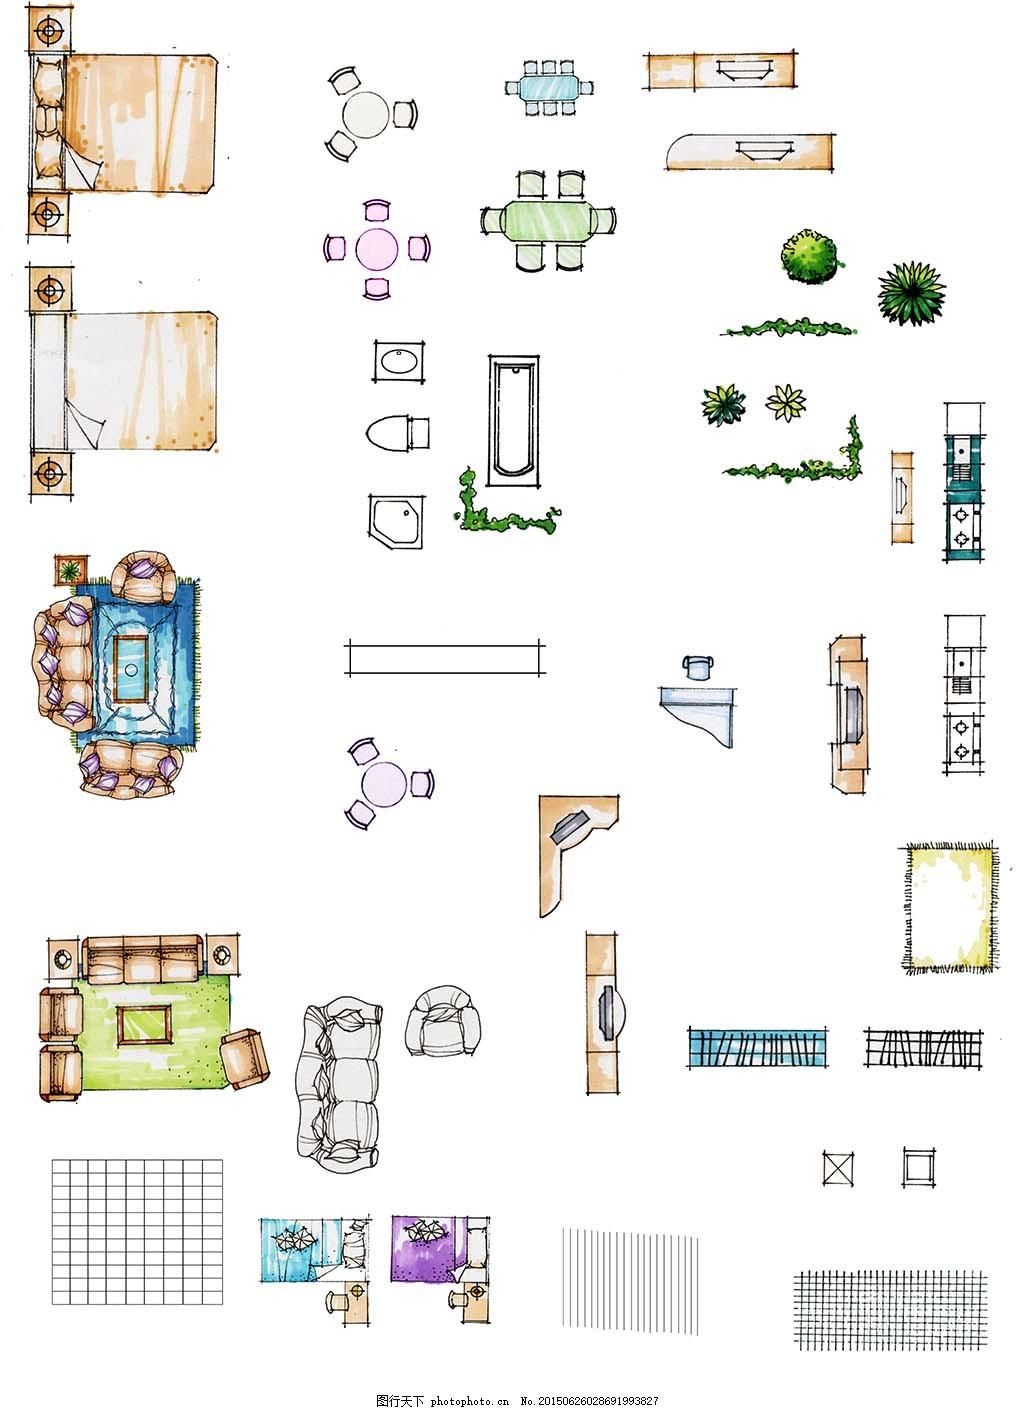 手绘室内设计素材 装饰品 室内素材 家居素材 平面设计 高清图片